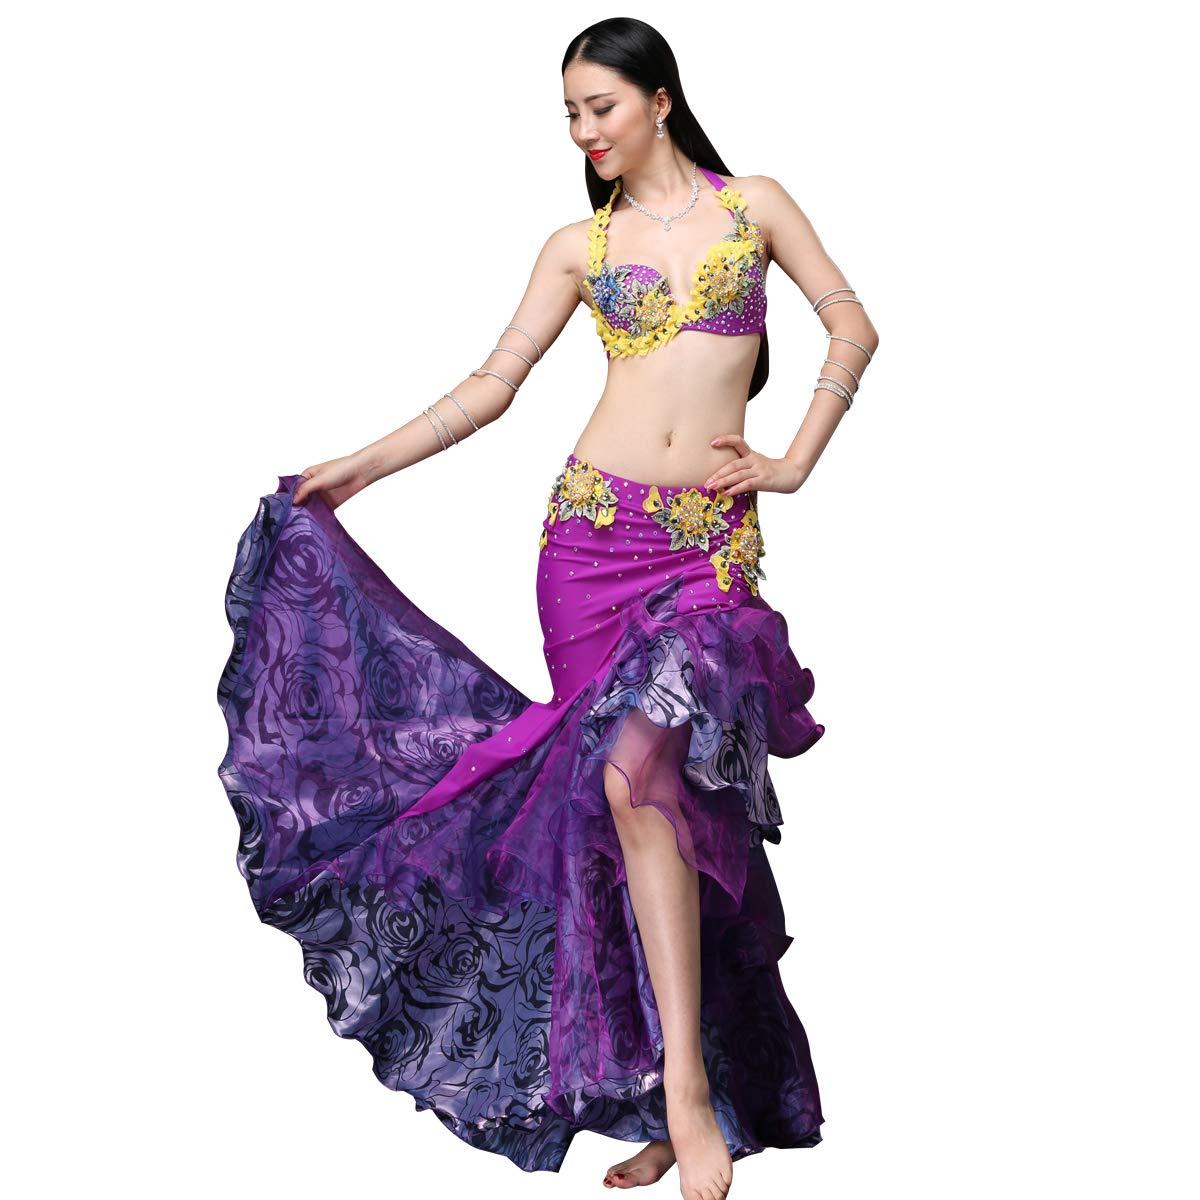 豪華なベリーダンス衣装セット 2点セットビーズ刺繍プロ仕様ダンス服 パープル 高級演出服 ブラ スカート B07HNZ6V68 XL